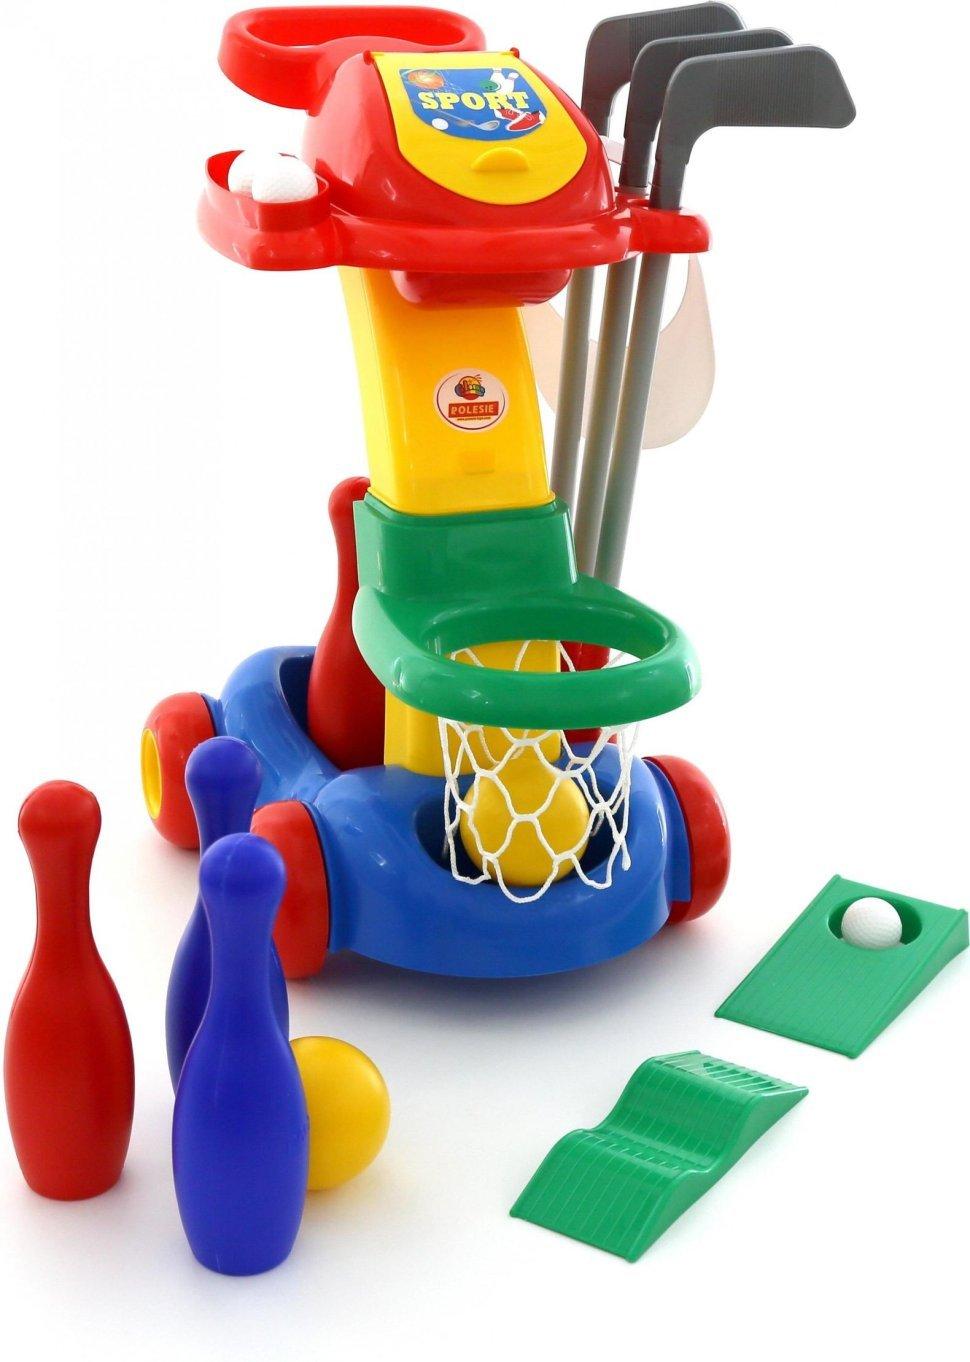 Спорттовары Для Детей Интернет Магазин